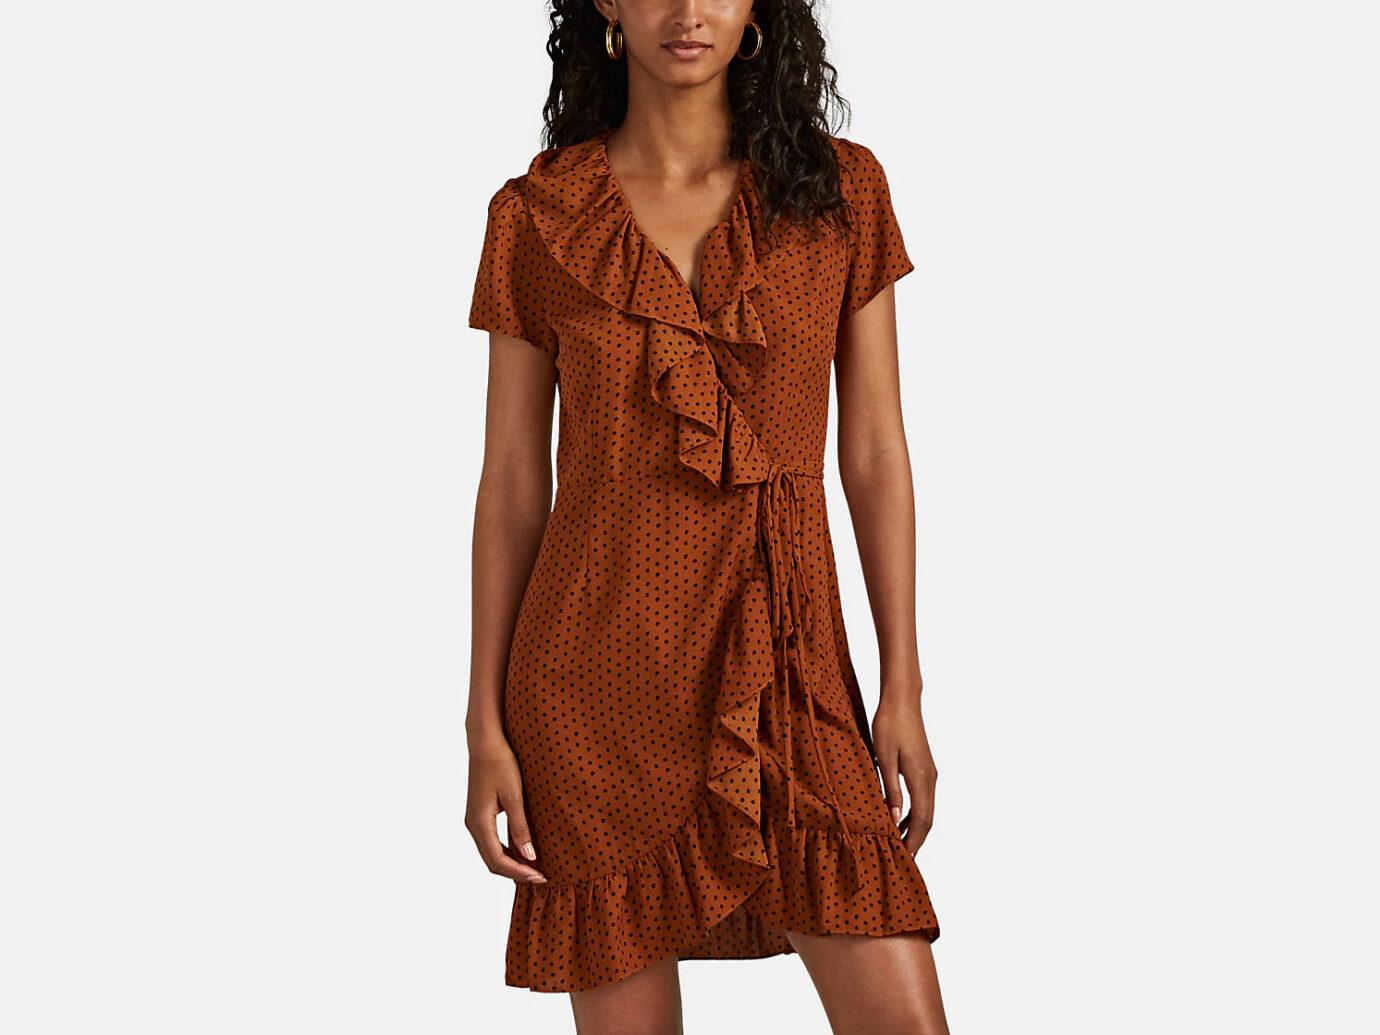 BARNEYS NEW YORK Polka Dot Crepe Wrap Dress